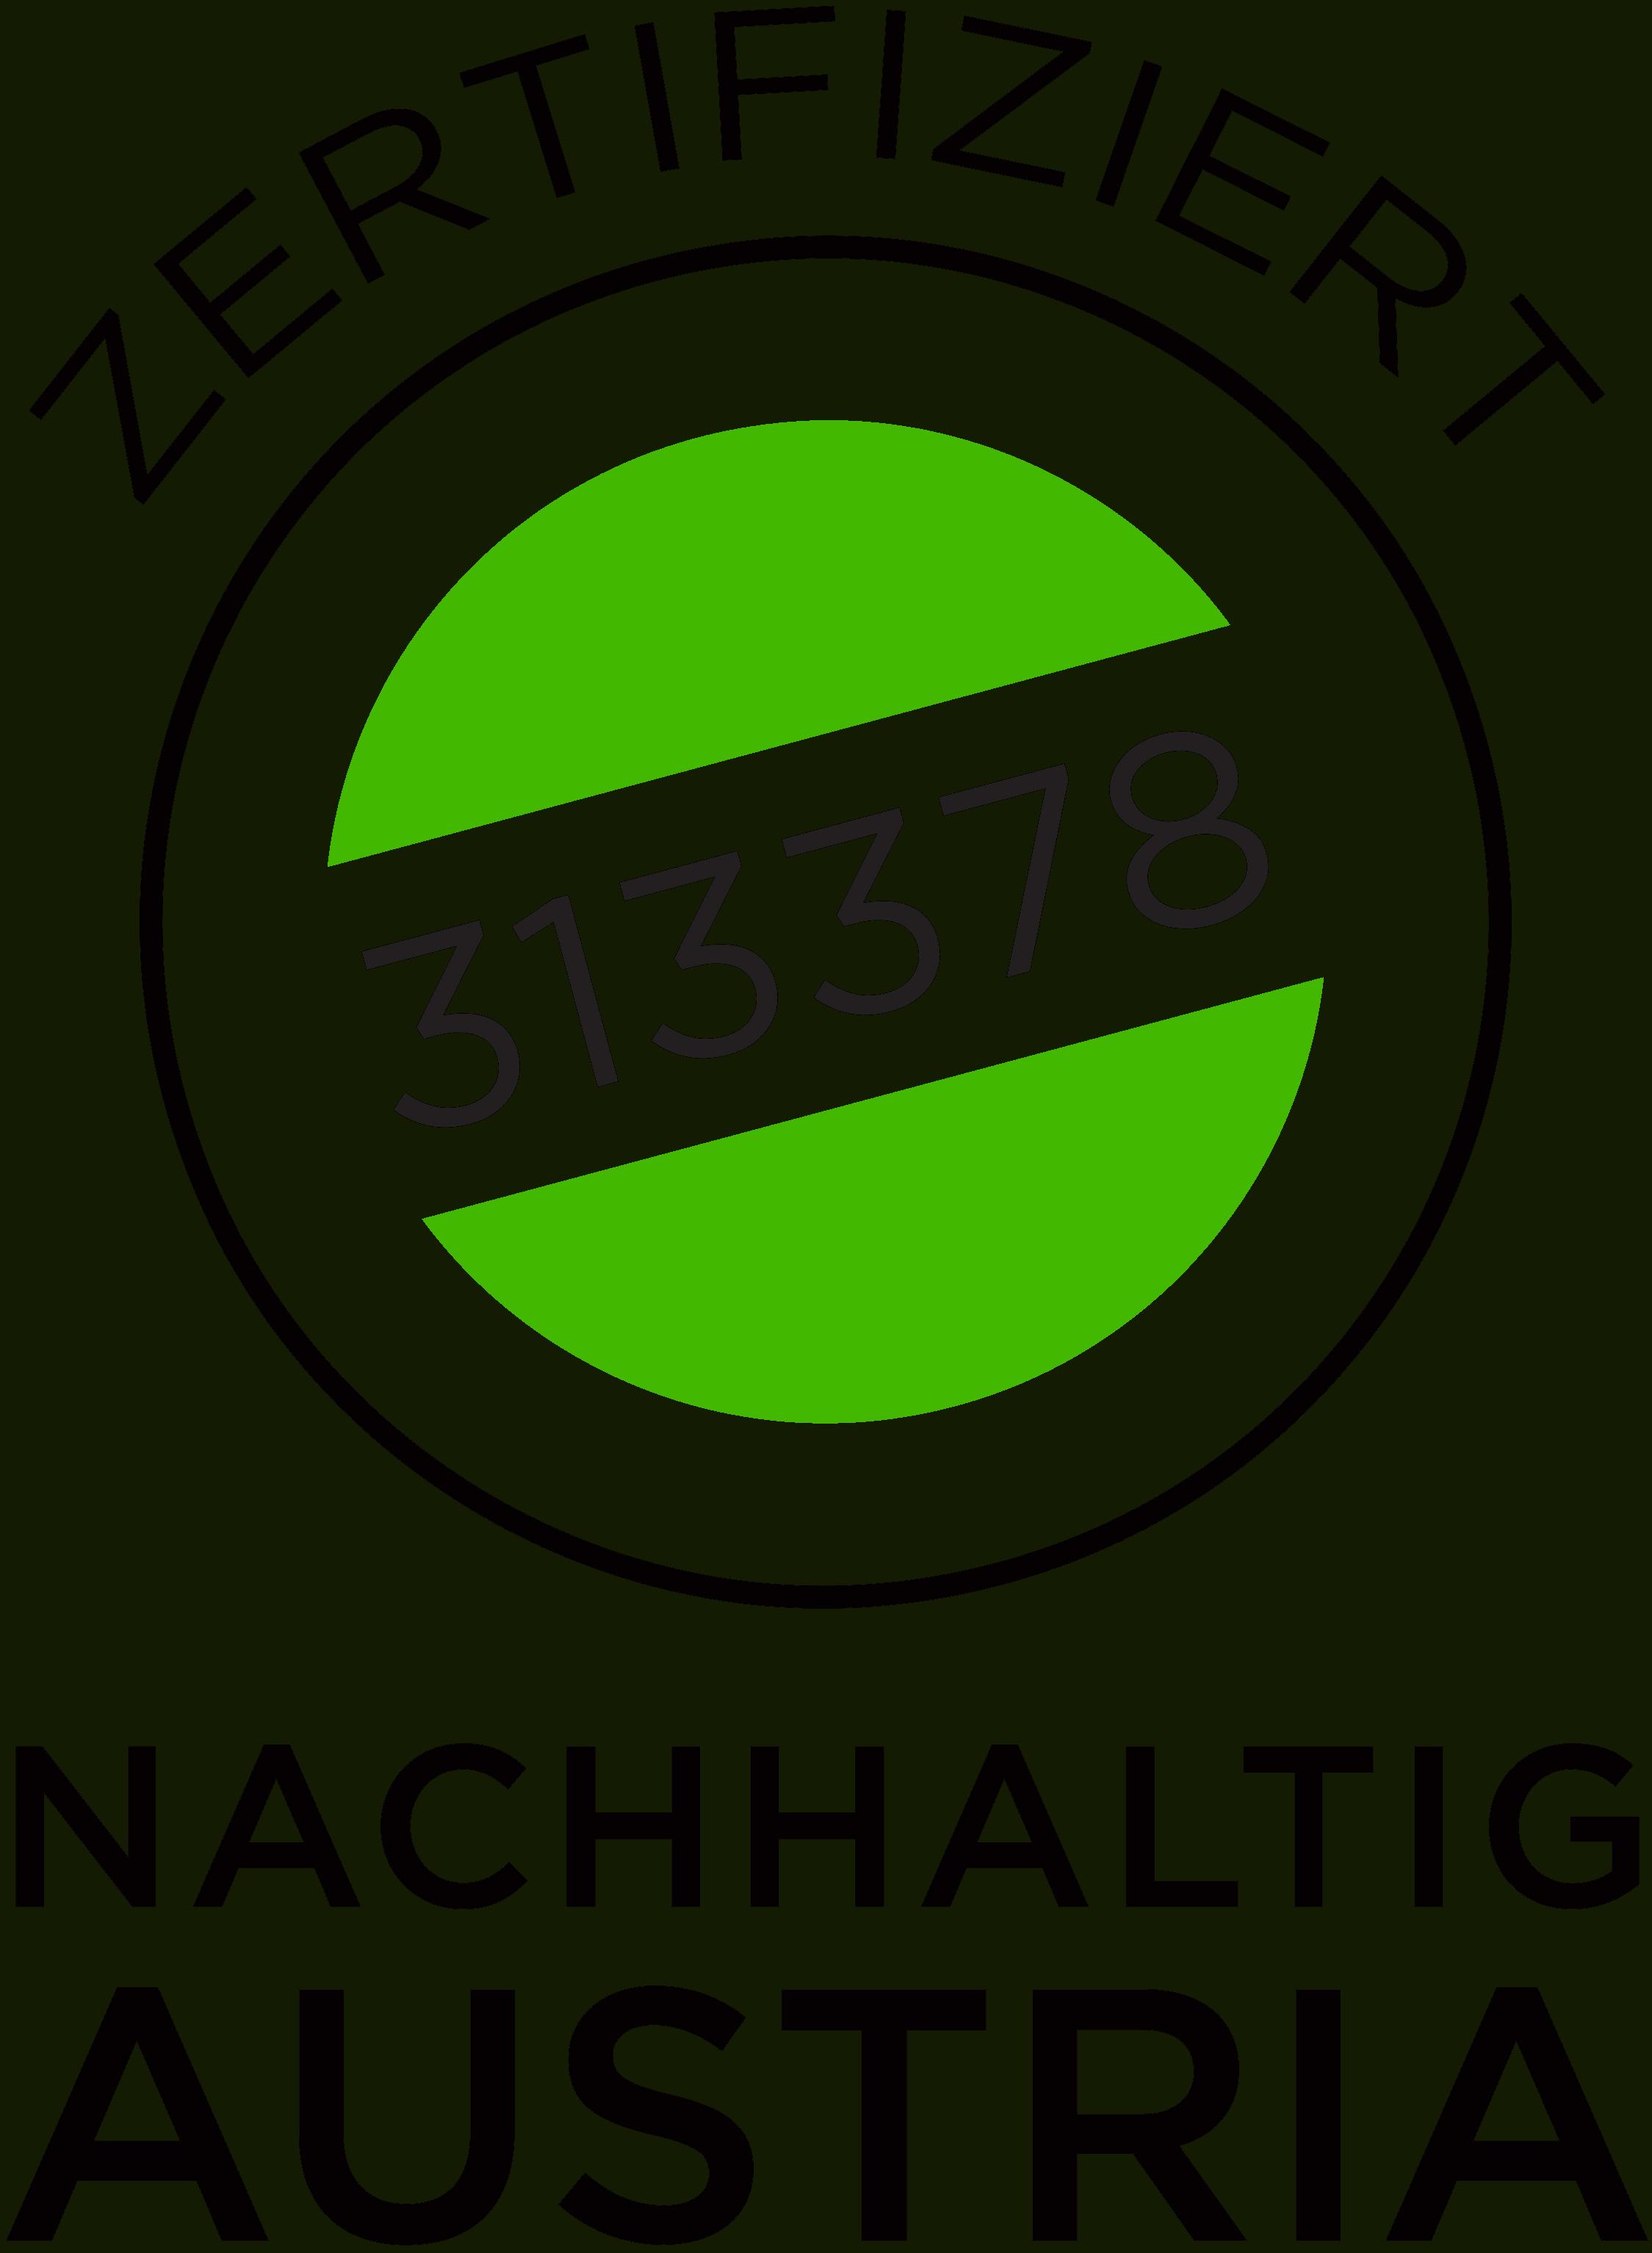 """Featured image for """"nachhaltig austria"""""""